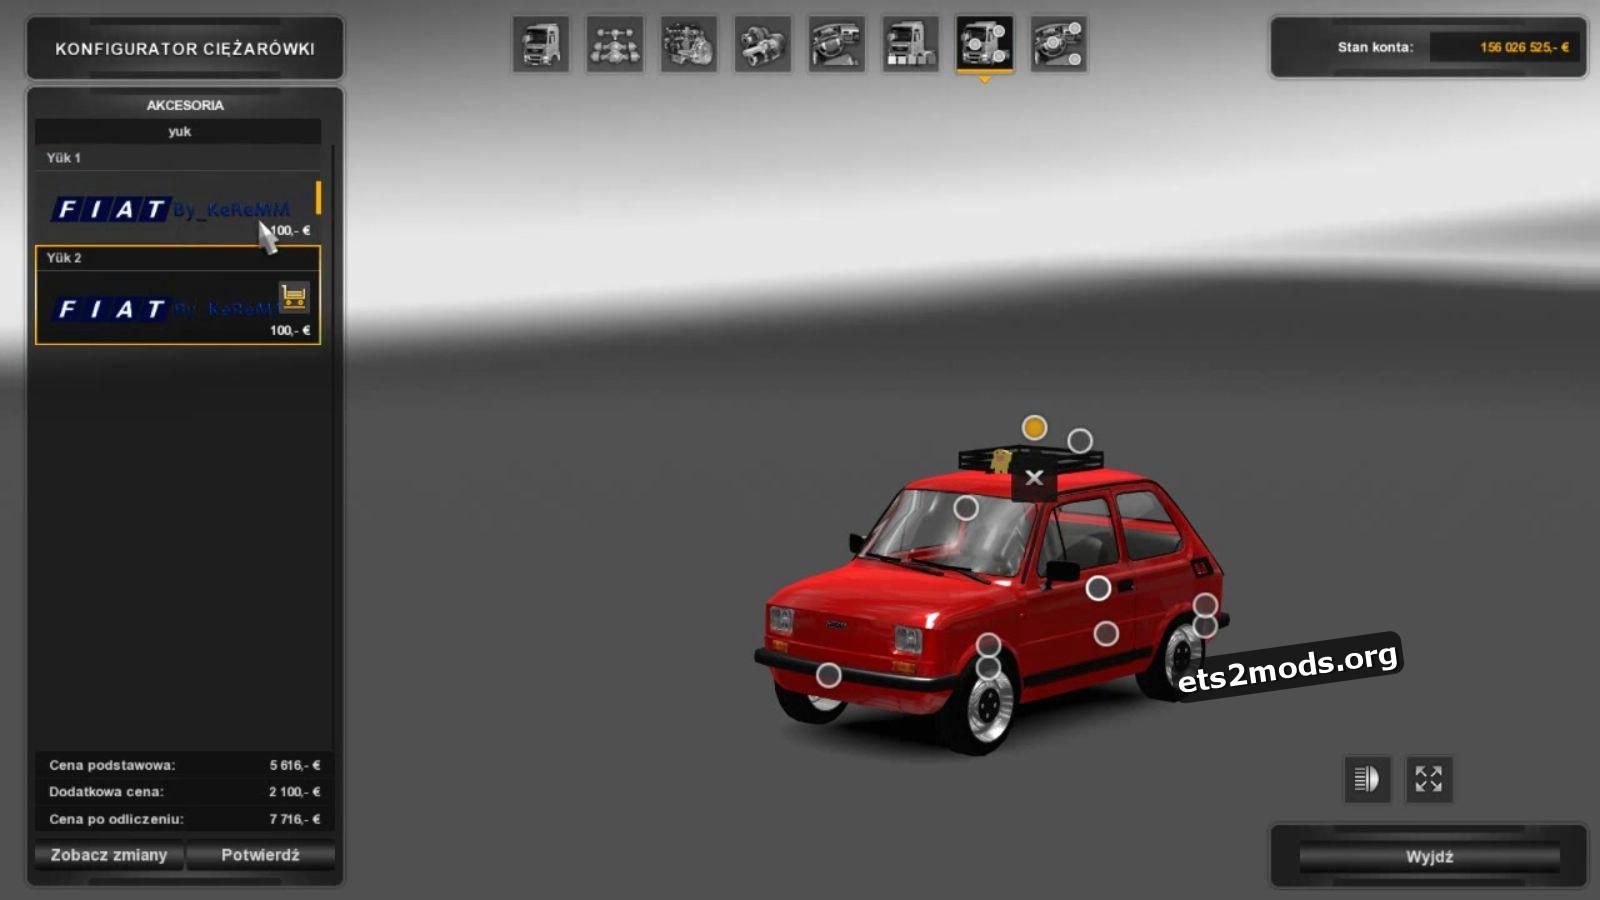 Car - Fiat 126p